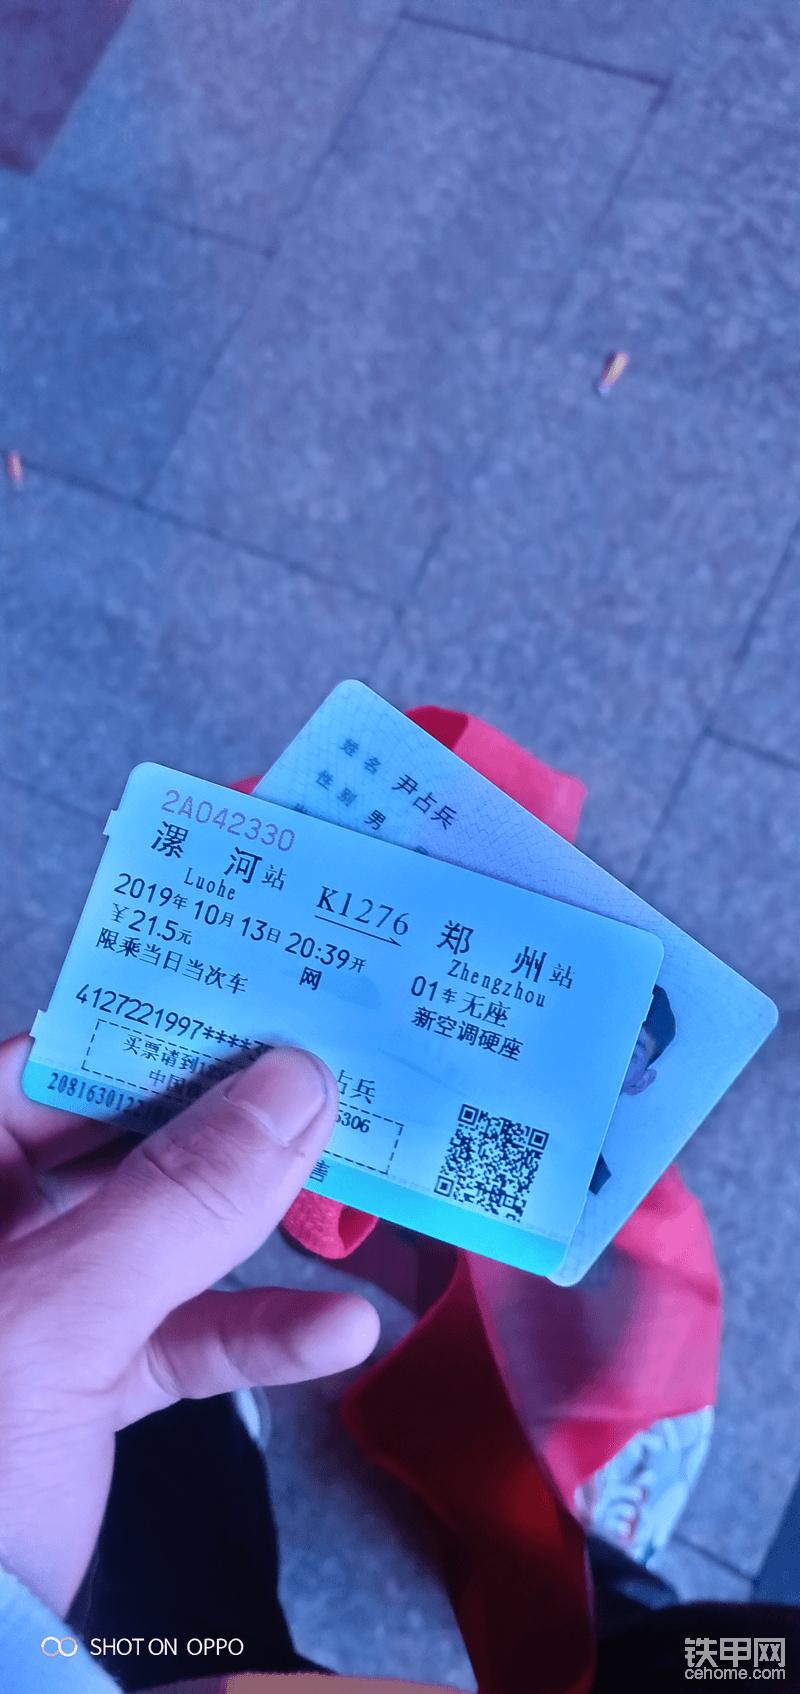 13号我踏上了来往郑州的火车